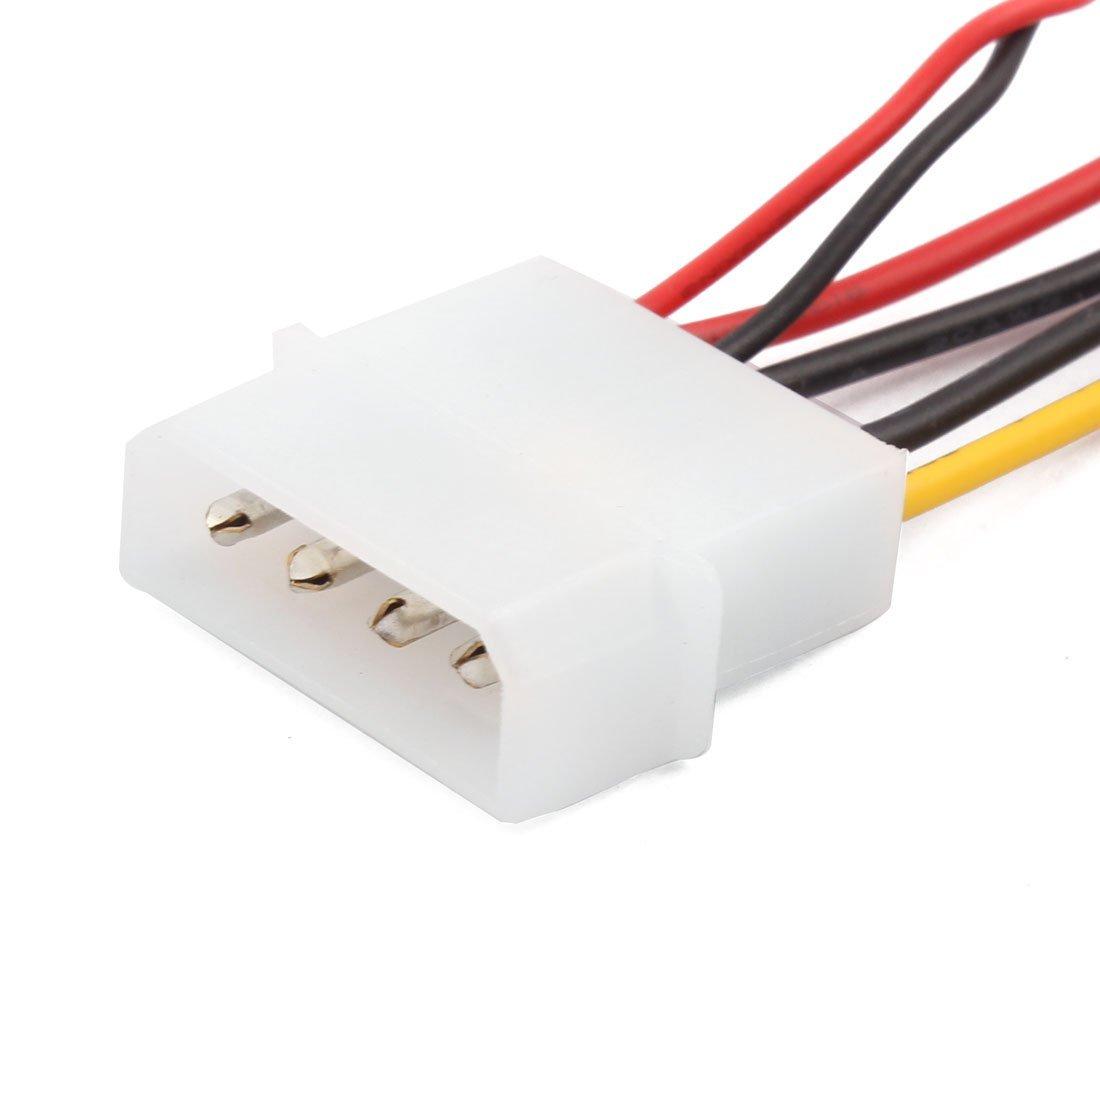 Amazon.com: DealMux Tanque Digital Thermomete Controlador Água de resfriamento Termômetro LED Backlight: Electronics